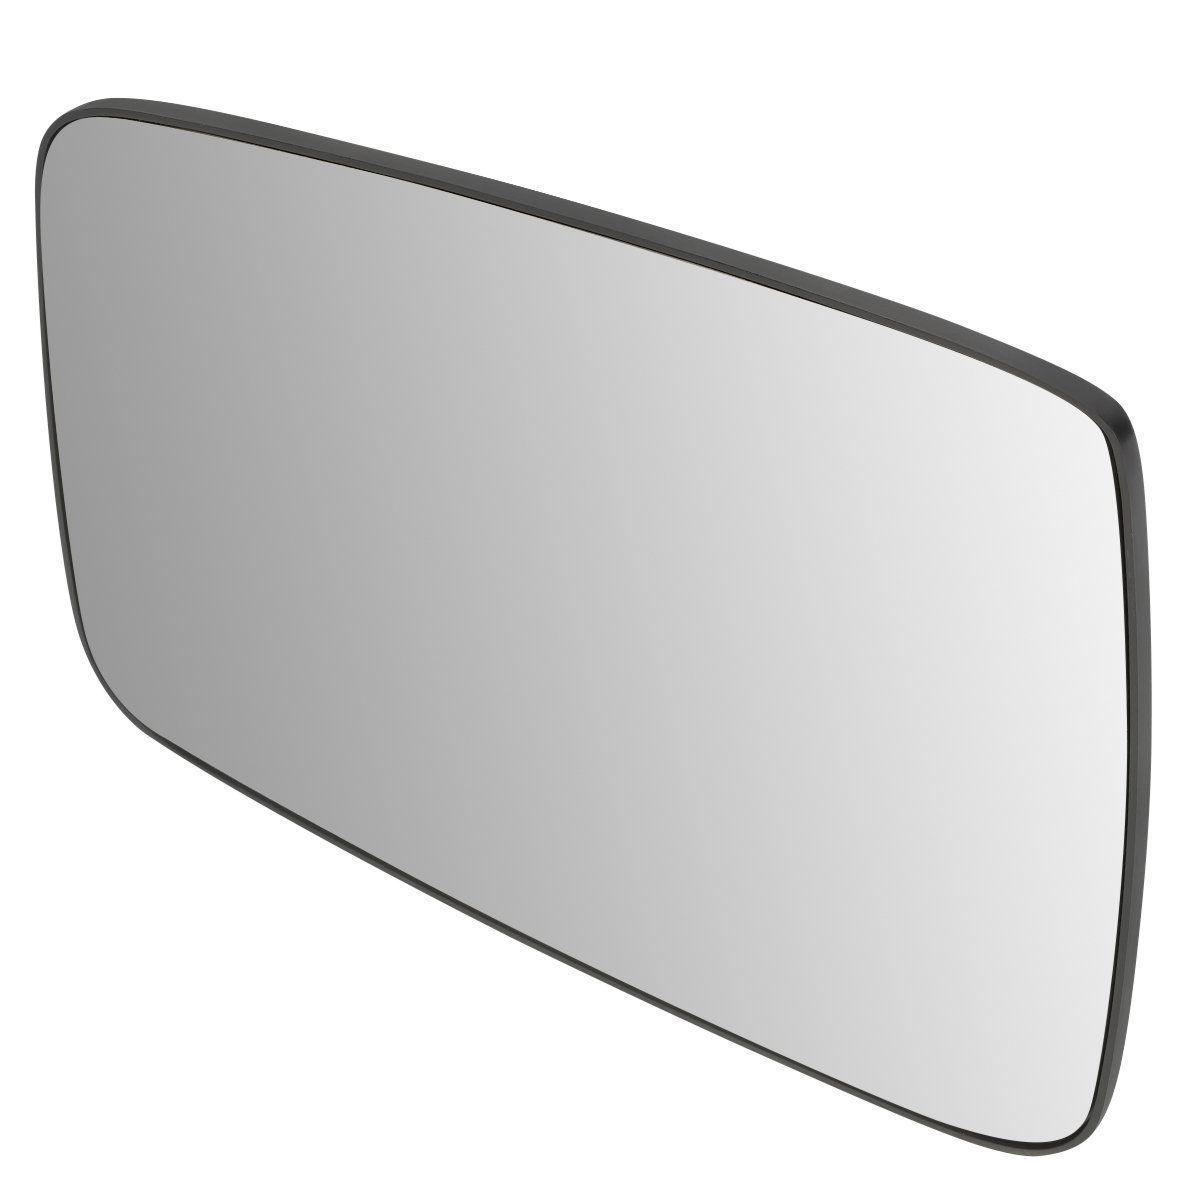 09 19 Ram Truck 1500 2500 Left Driver Side Door Mirror Glass 68050297aa In 2021 Glass Mirror Mirror House Mirror